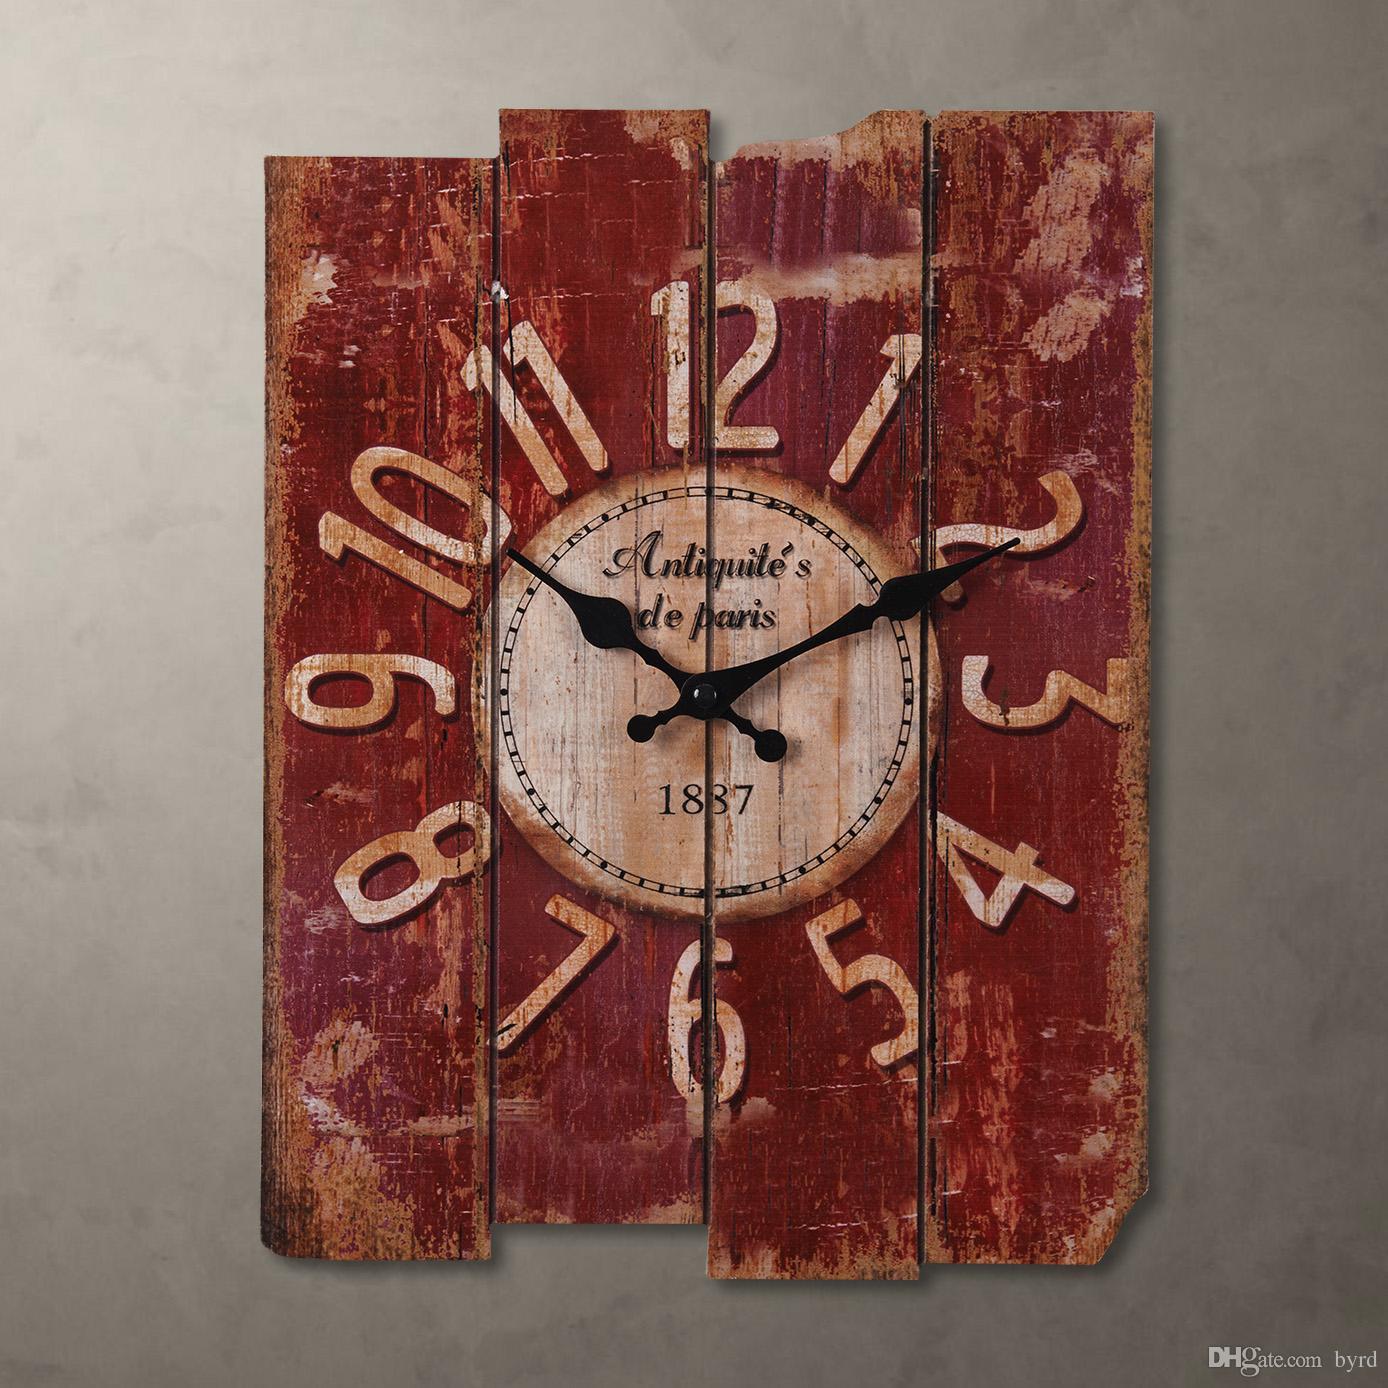 컨트리 스타일 붉은 나무 벽 시계 직사각형 30 * 39cm 0201010